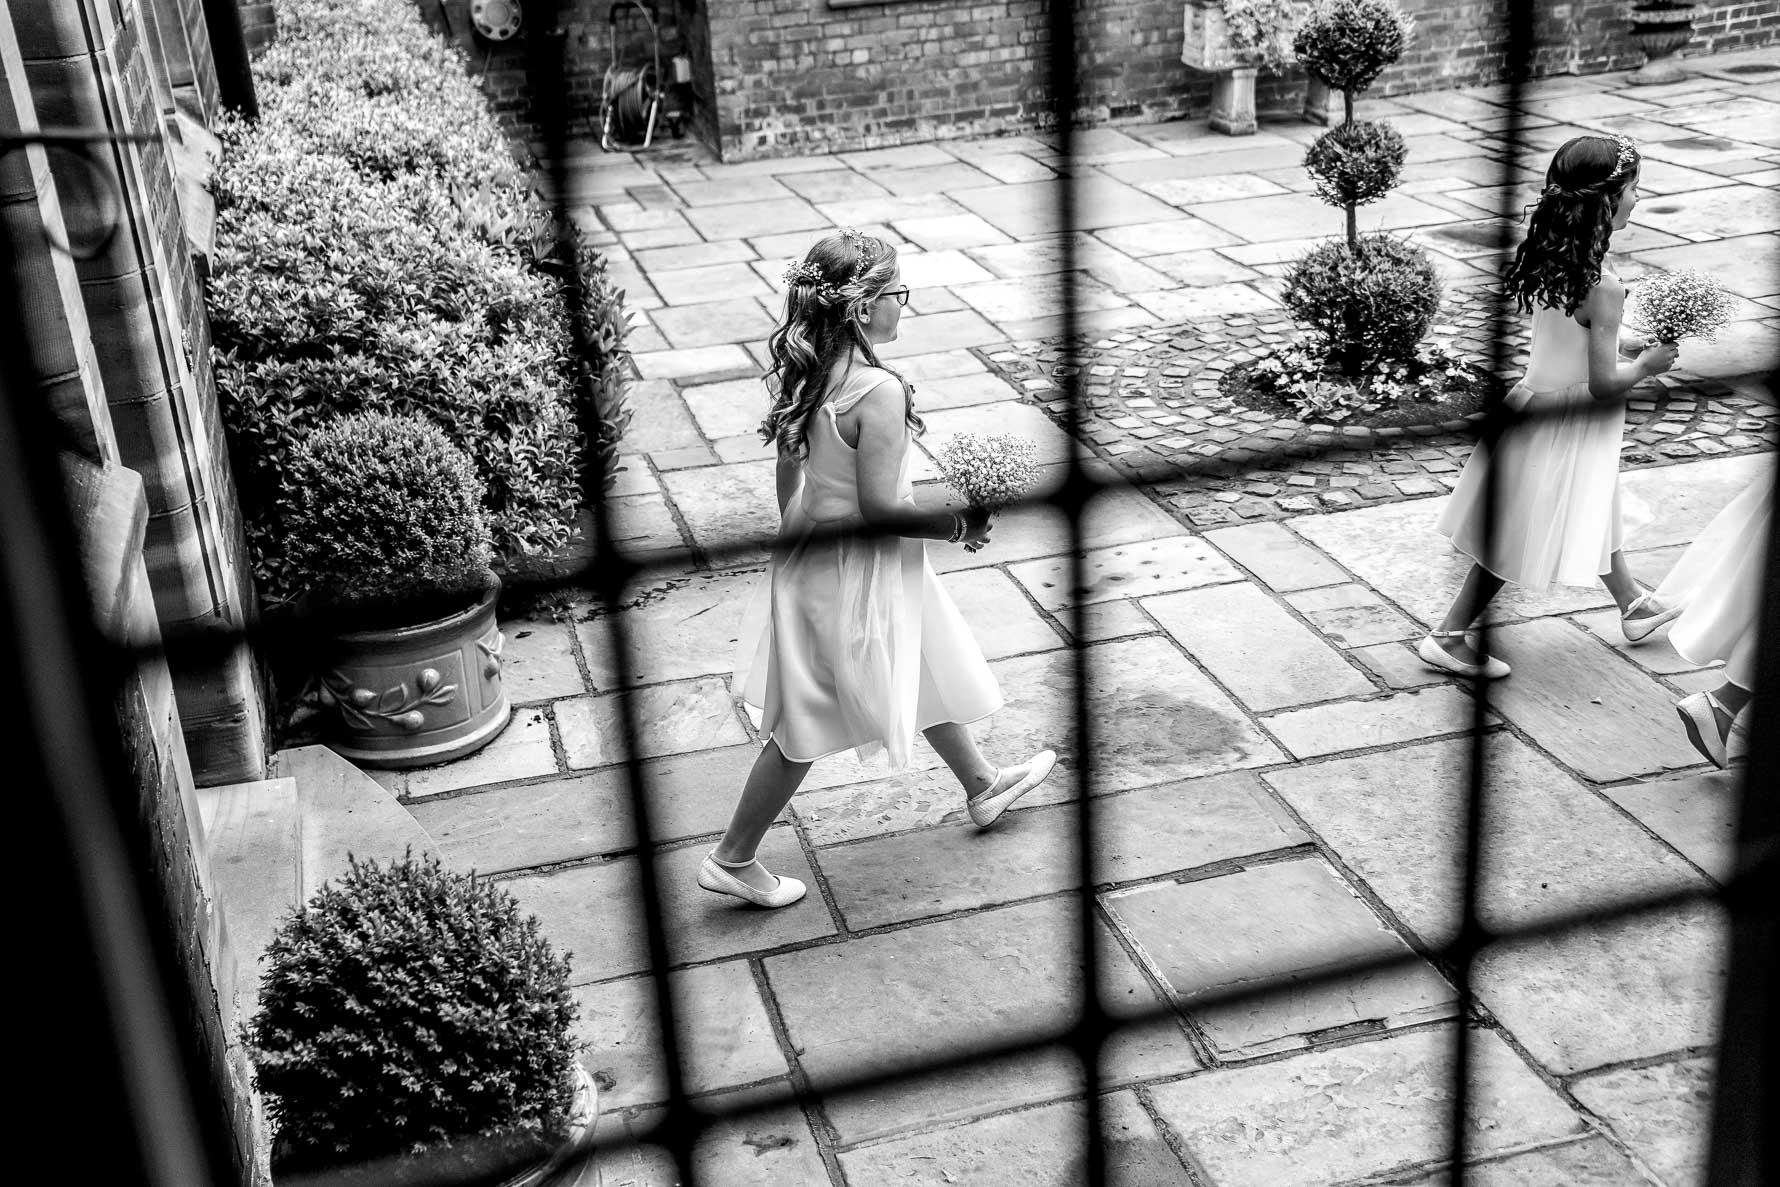 flowergirls leaving